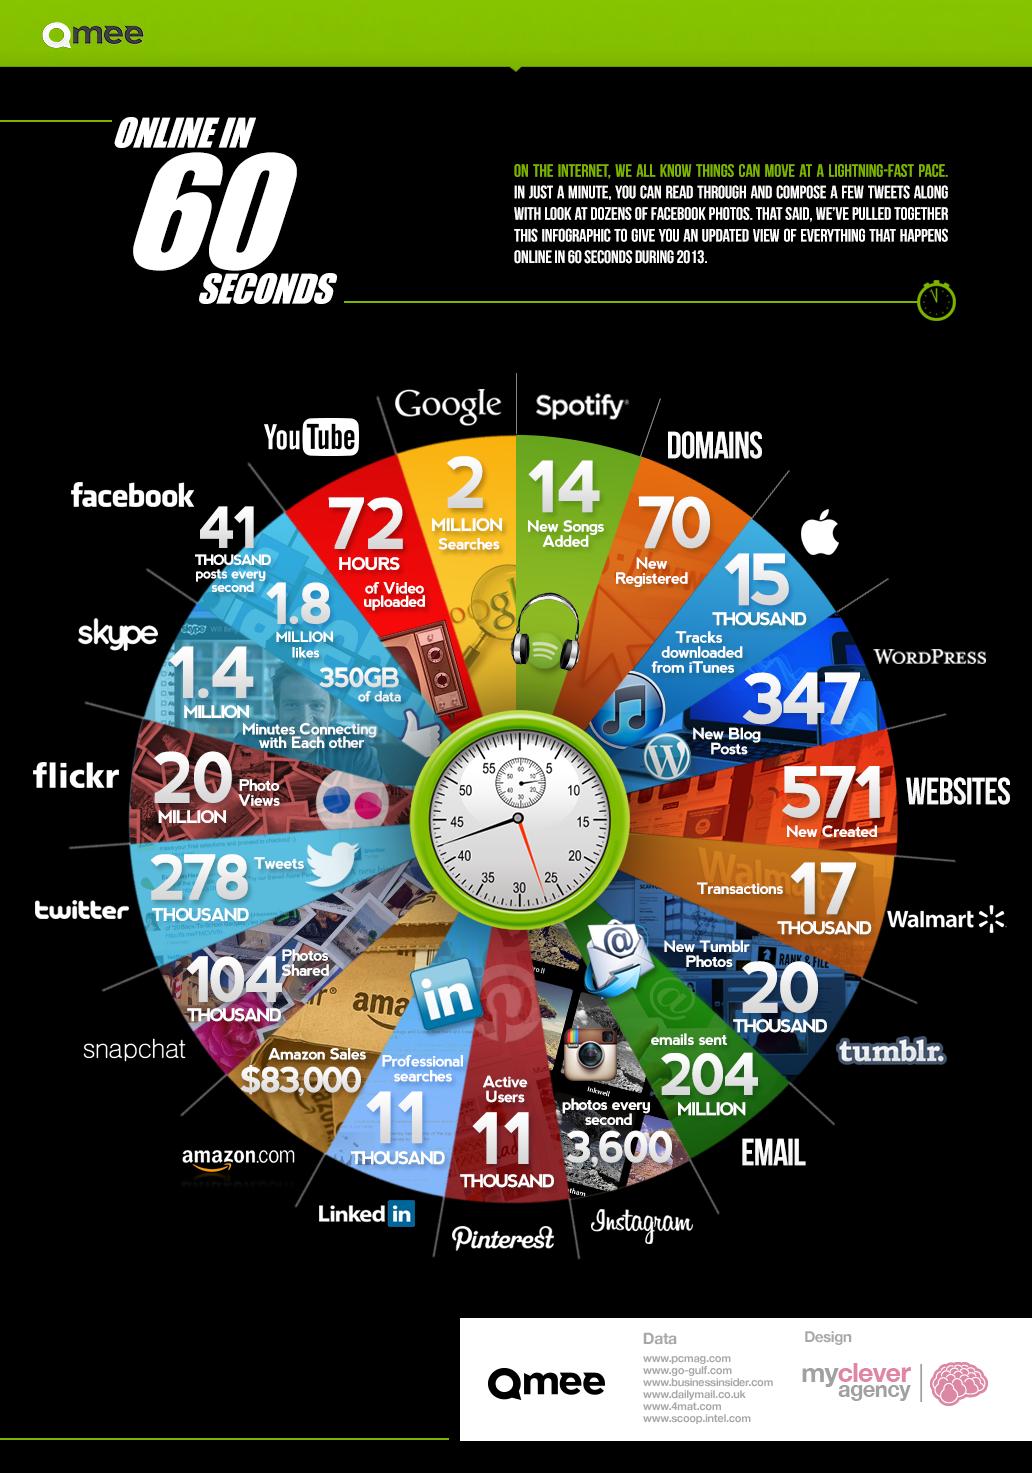 60 ثانية ماذا الذي يجري على الإنترنت كل 60 ثانية؟